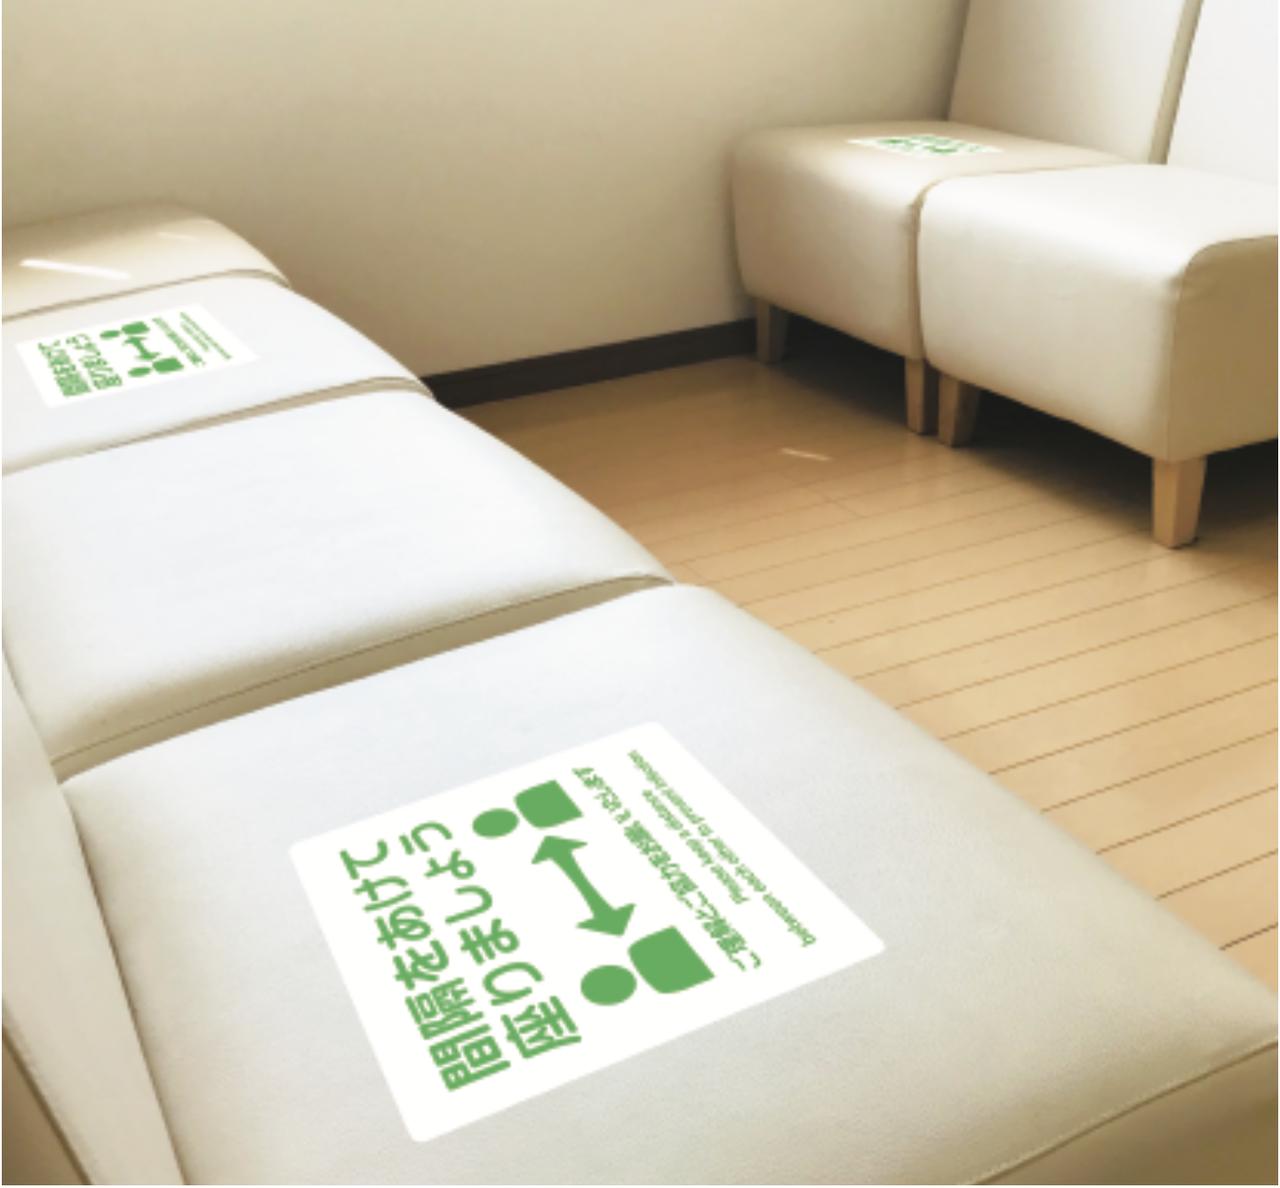 感染予防ベンチ用シール デザイン③(5枚入り)